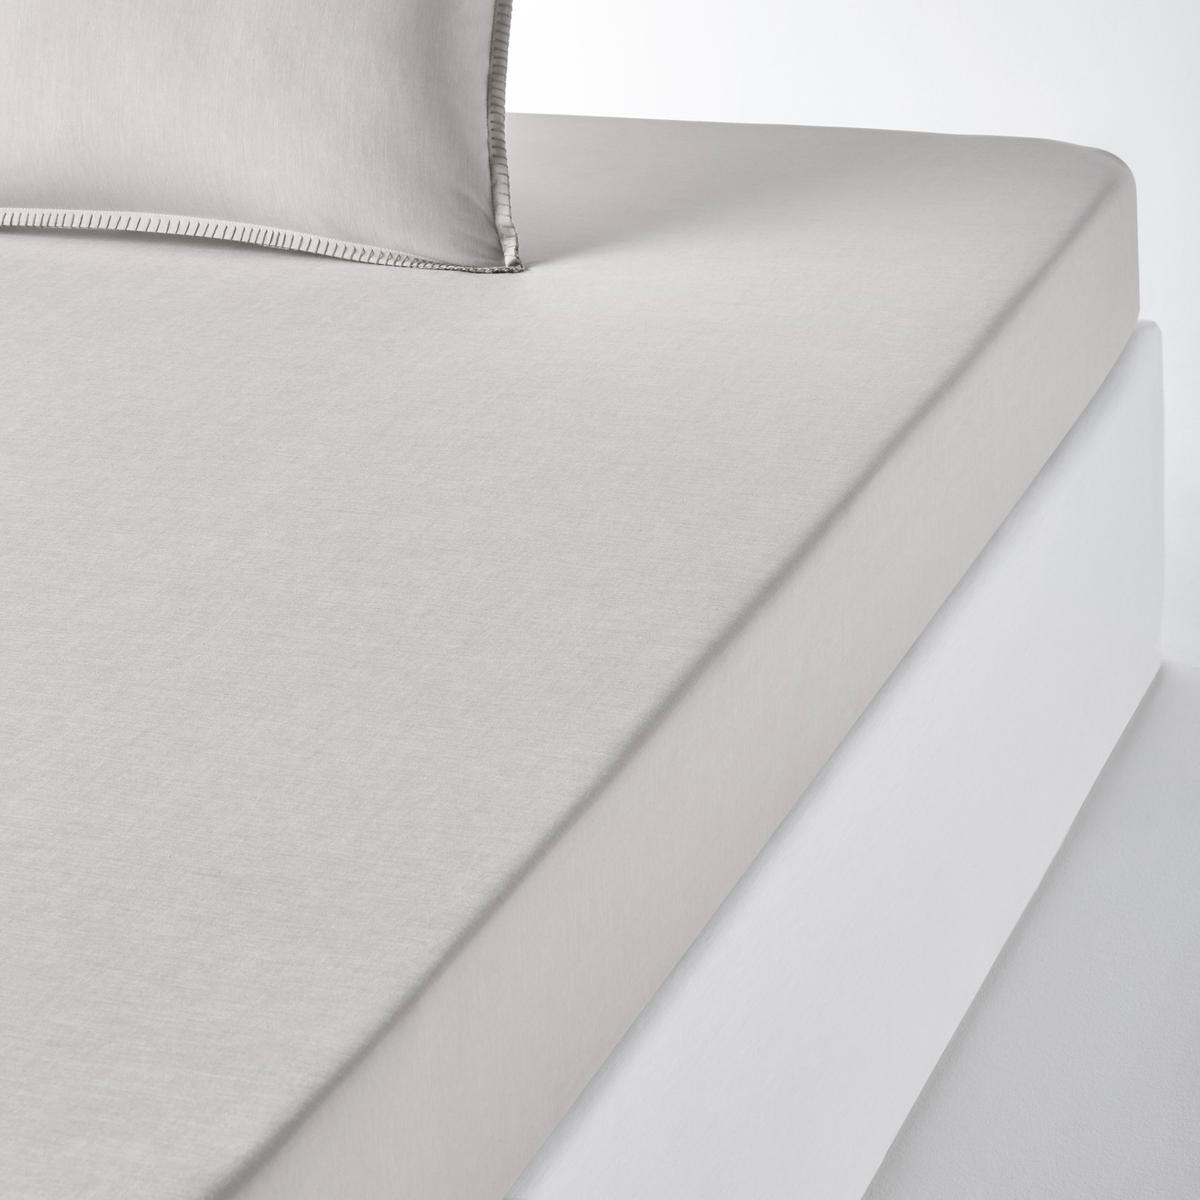 Простыня натяжная из шамбре, KOLZAХарактеристики натяжной простыни Kolza : Ткань шамбре, 100% хлопок, качество Best, 57 нитей/см? : чем больше нитей/см?, тем выше качество материала.Отделка в виде контрастных швов цвета небеленой ткани.Машинная стирка при 60 °С. Весь комплект постельного белья из шамбре Kolza Вы найдете на laredoute.ruЗнак Oeko-Tex® гарантирует, что товары прошли проверку и были изготовлены без применения вредных для здоровья человека веществ. Размеры : 90 x 190 см : 1-сп. 140 x 190 см : 2-сп. 160 x 200 см : 2-сп.180 x 200 см : 2-сп.<br><br>Цвет: желтый кукурузный,серо-зеленый,серо-коричневый,терракота<br>Размер: 160 x 200  см